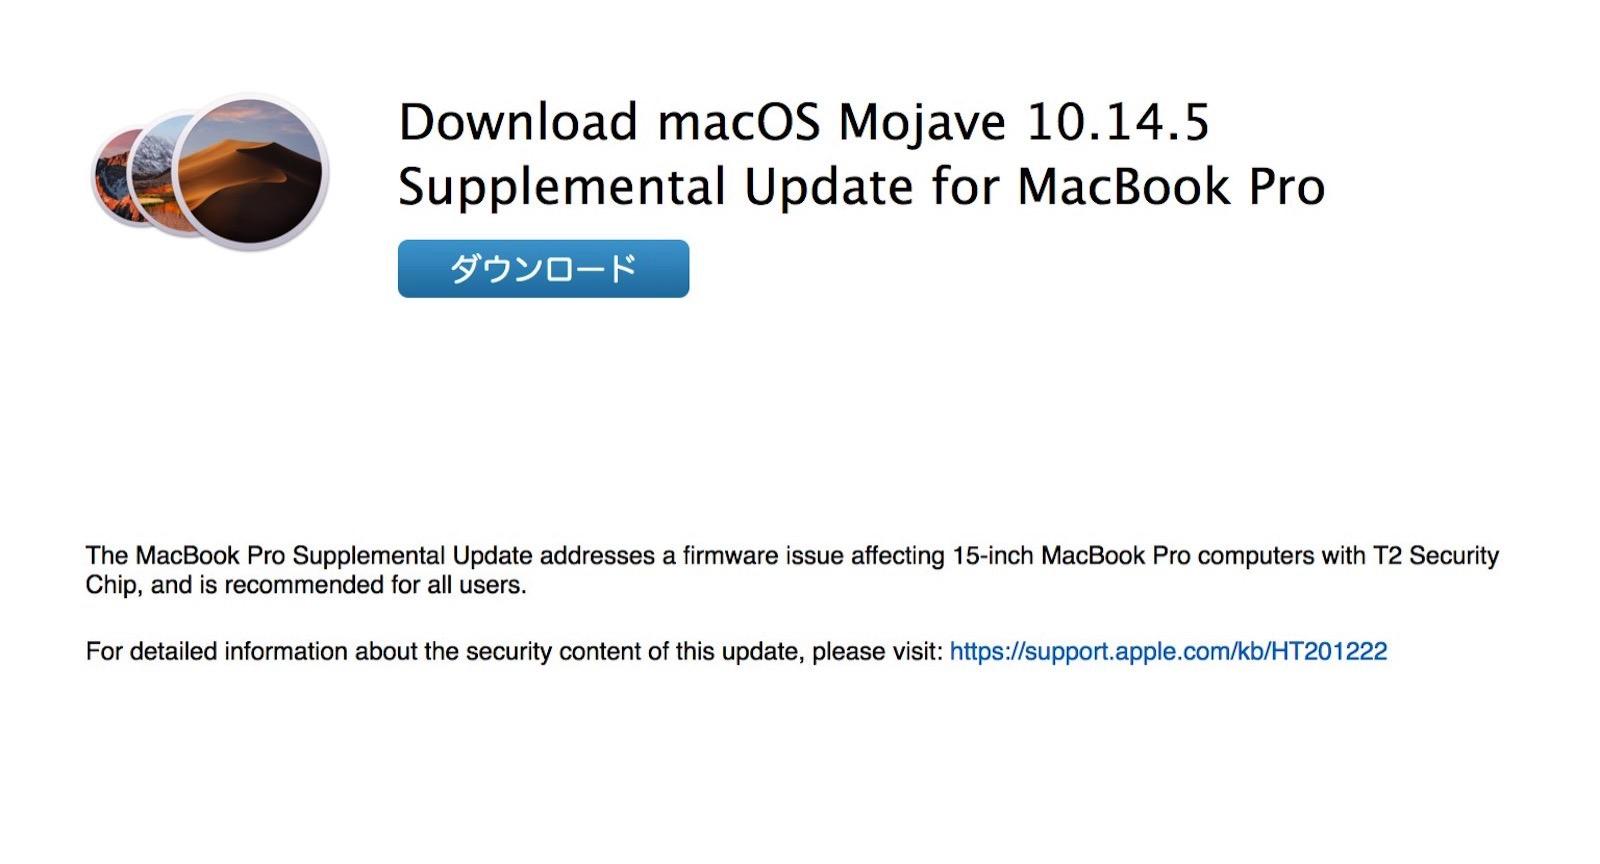 macOS-Mojave-Supplemental-Update-for-MBP.jpg